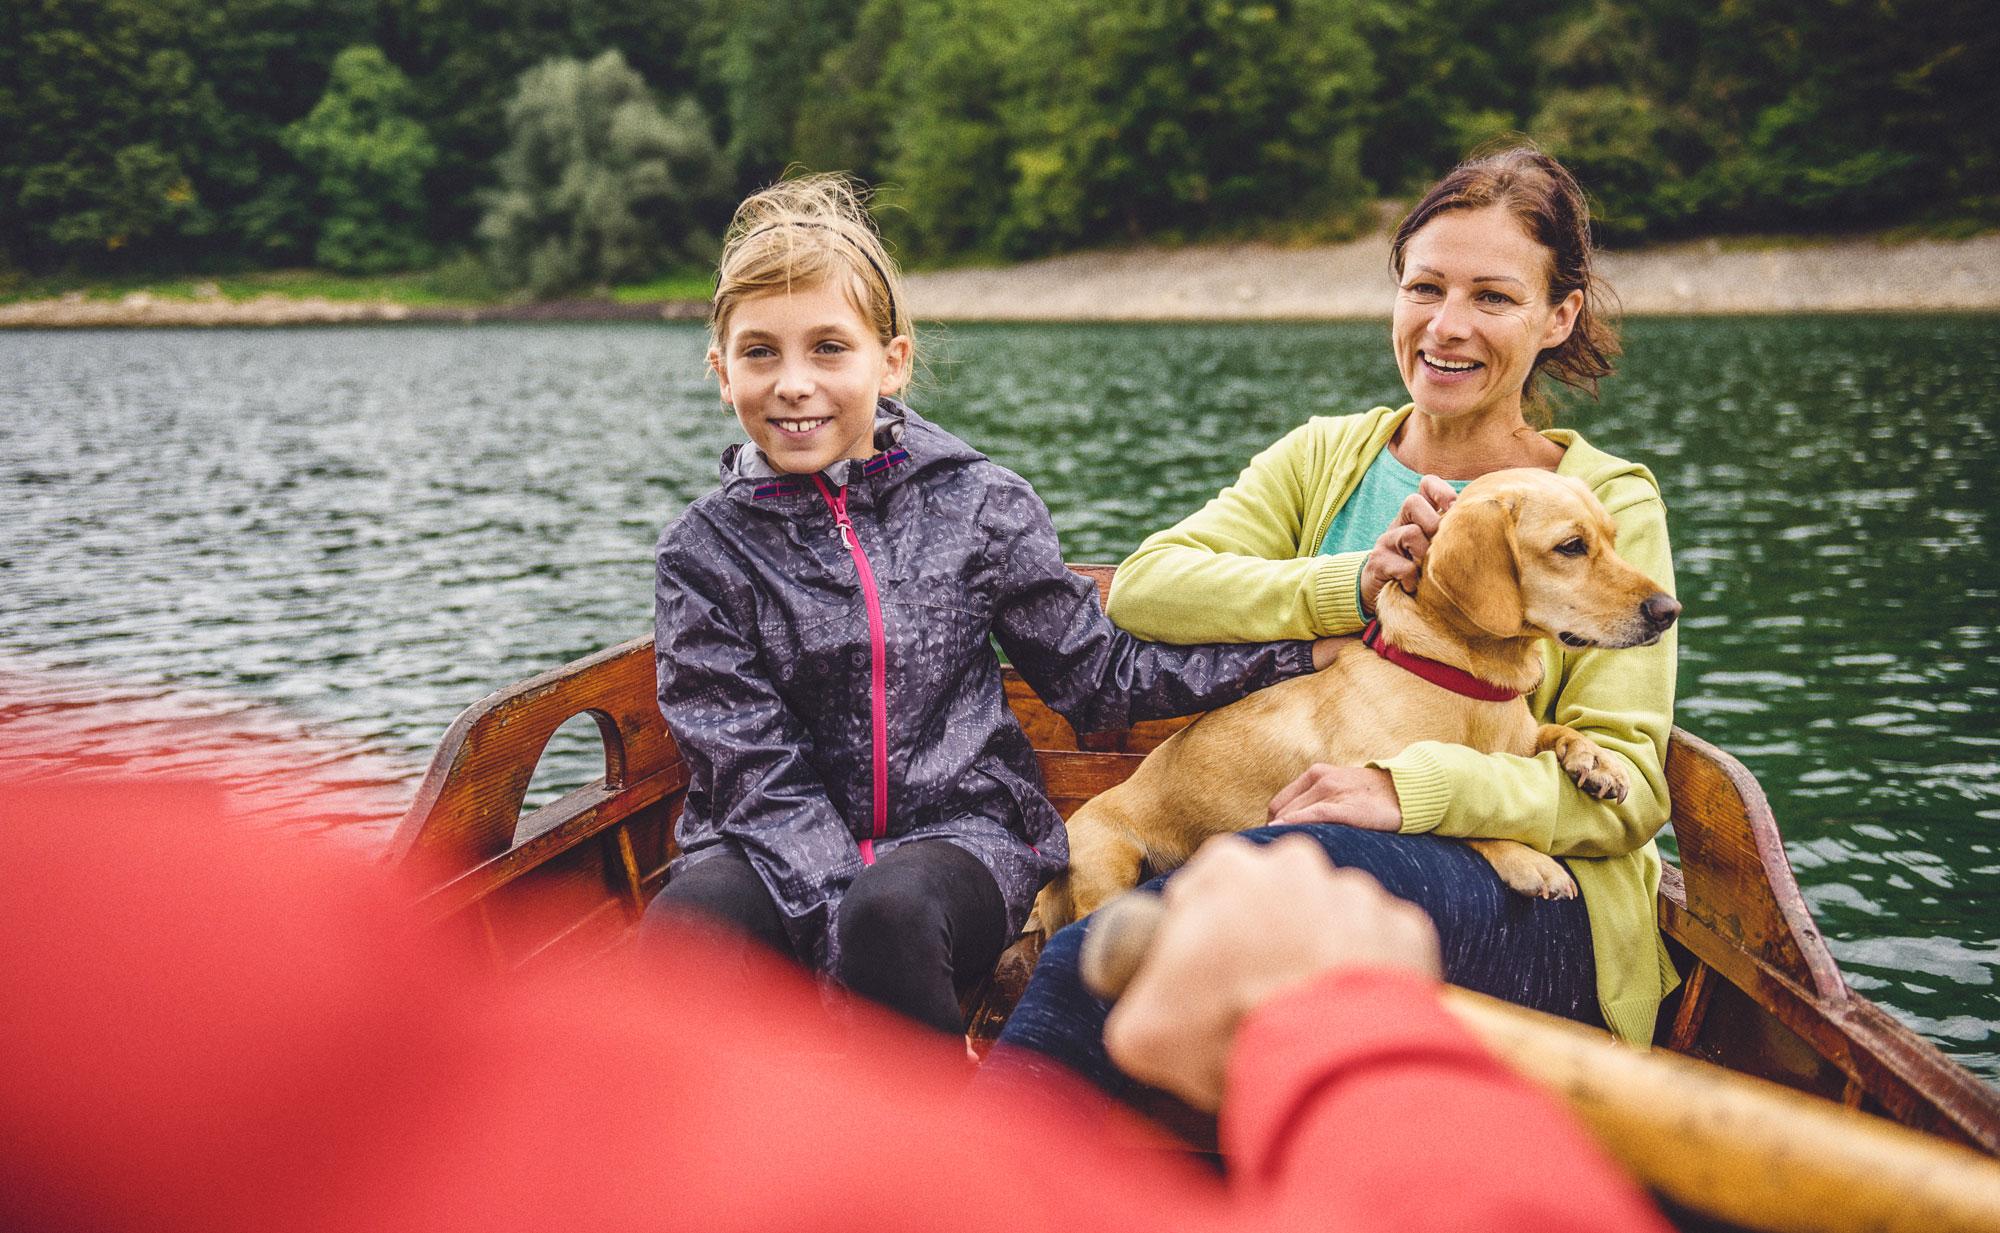 Ab 7 Nächte 10% Rabatt auf den Stellplatzpreis » Seeweide Naturcampingplatz Penzlin